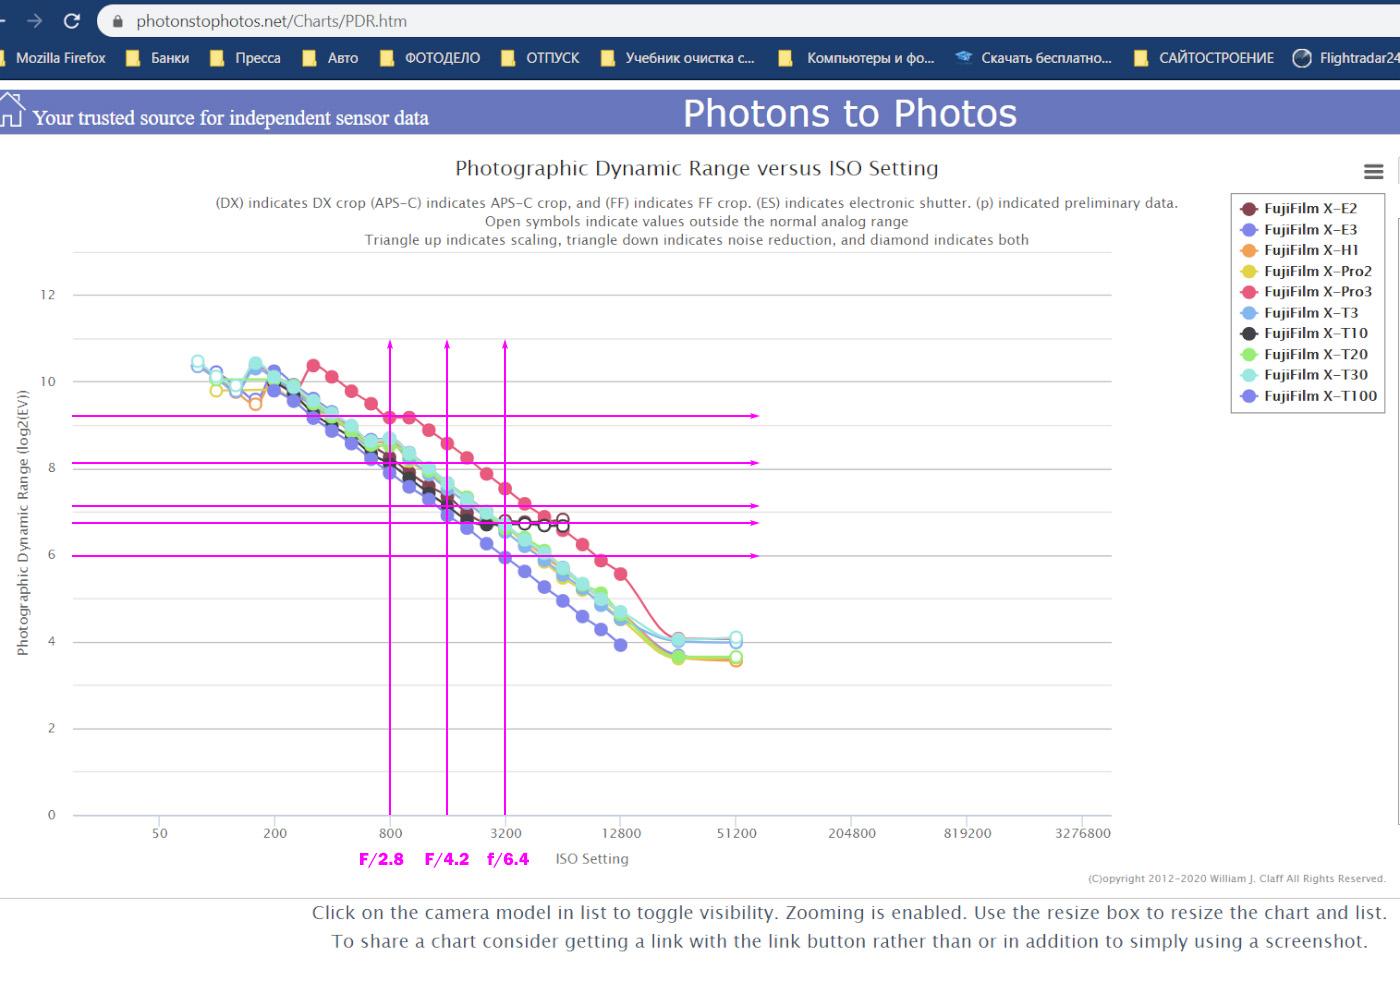 20. График, показывающий изменения динамического диапазона матриц цифровых фотоаппаратов Fujifilm X-E2, X-E3, X-H1, X-Pro2, X-Pro3, X-T3, X-T10, X-T20, X-T30 и X-T100 в зависимости от ISO, которое, в свою очередь, зависит от диафрагмы объектива в момент съемки.